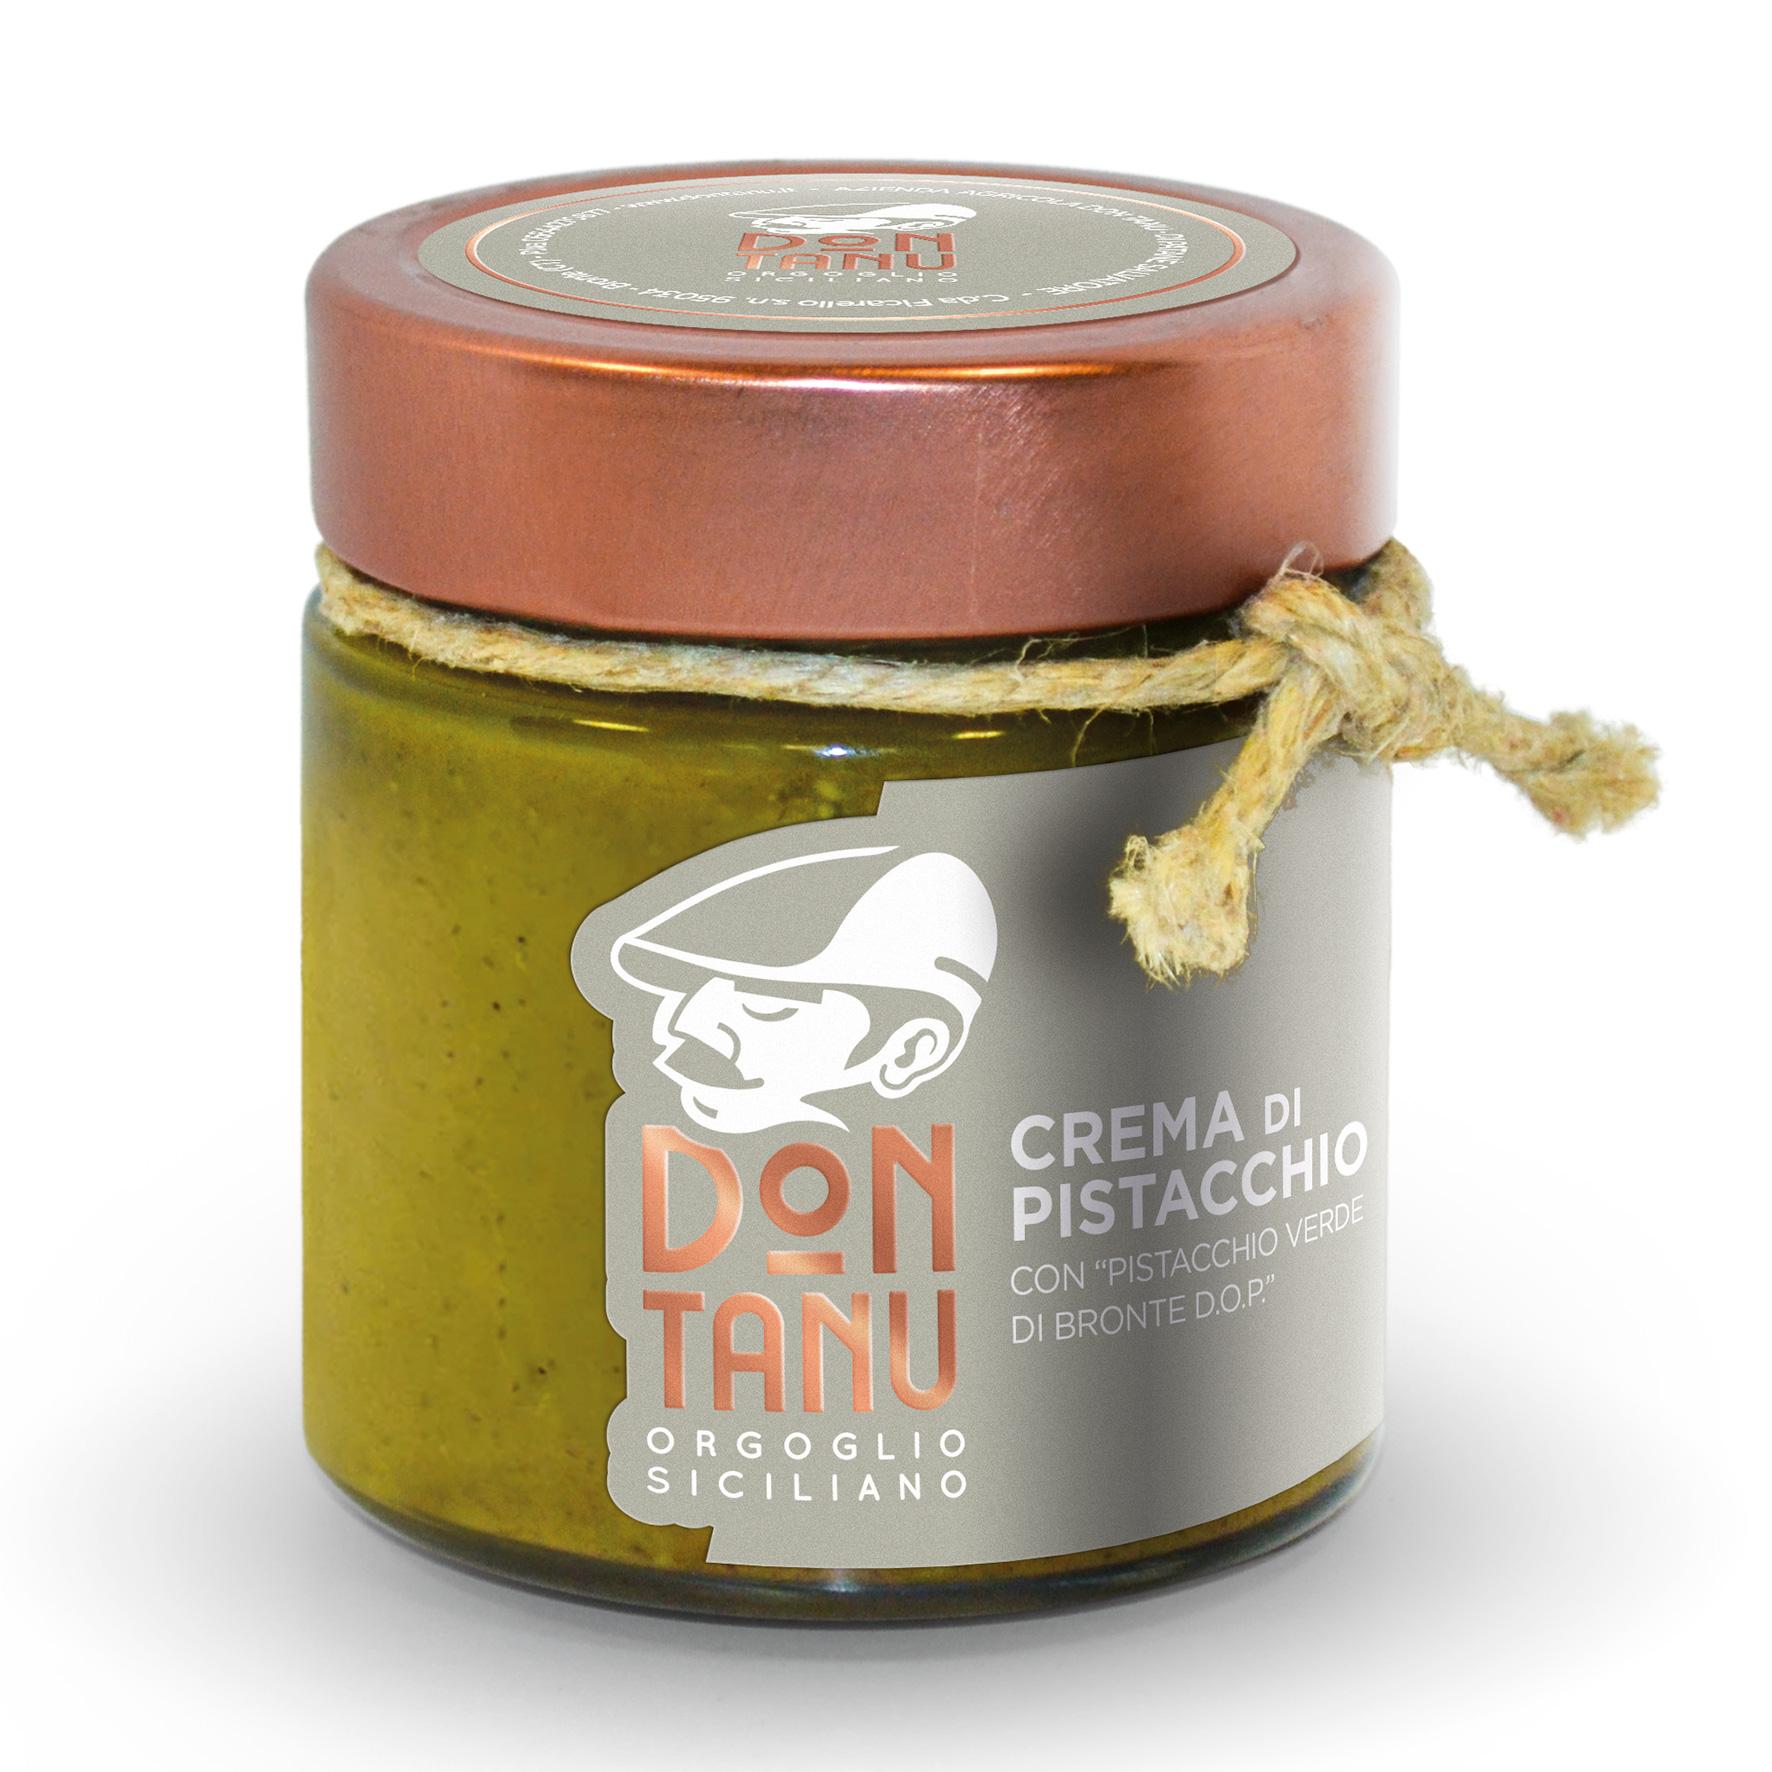 Crema spalmabile dolce di pistacchio verde di Bronte DOP 200 g